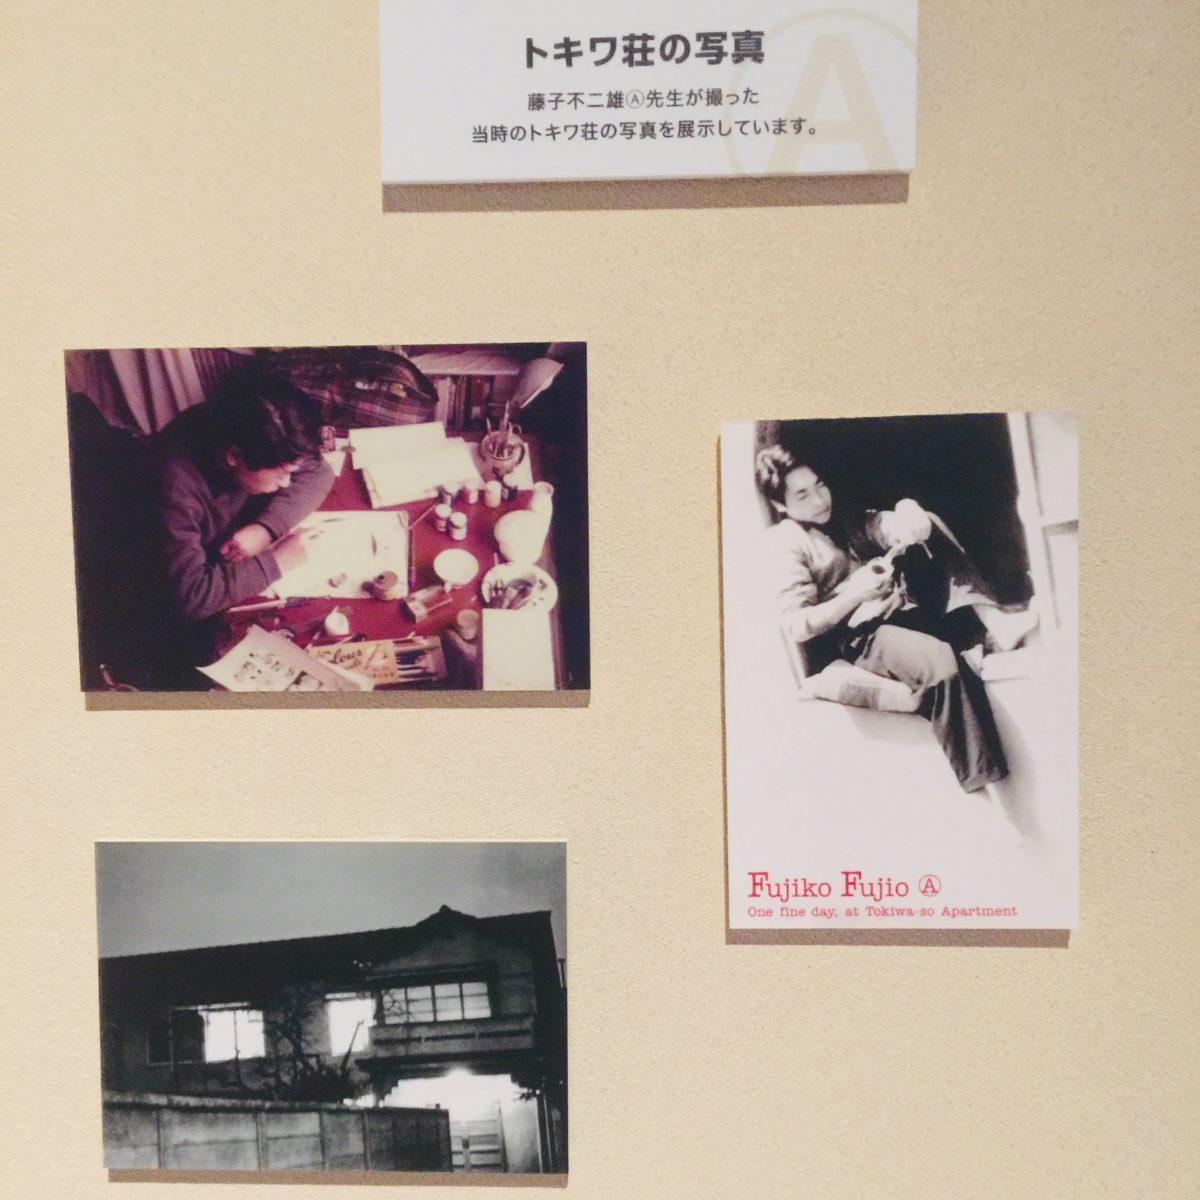 「藤子不二雄Ⓐ展」でのトキワ荘の写真